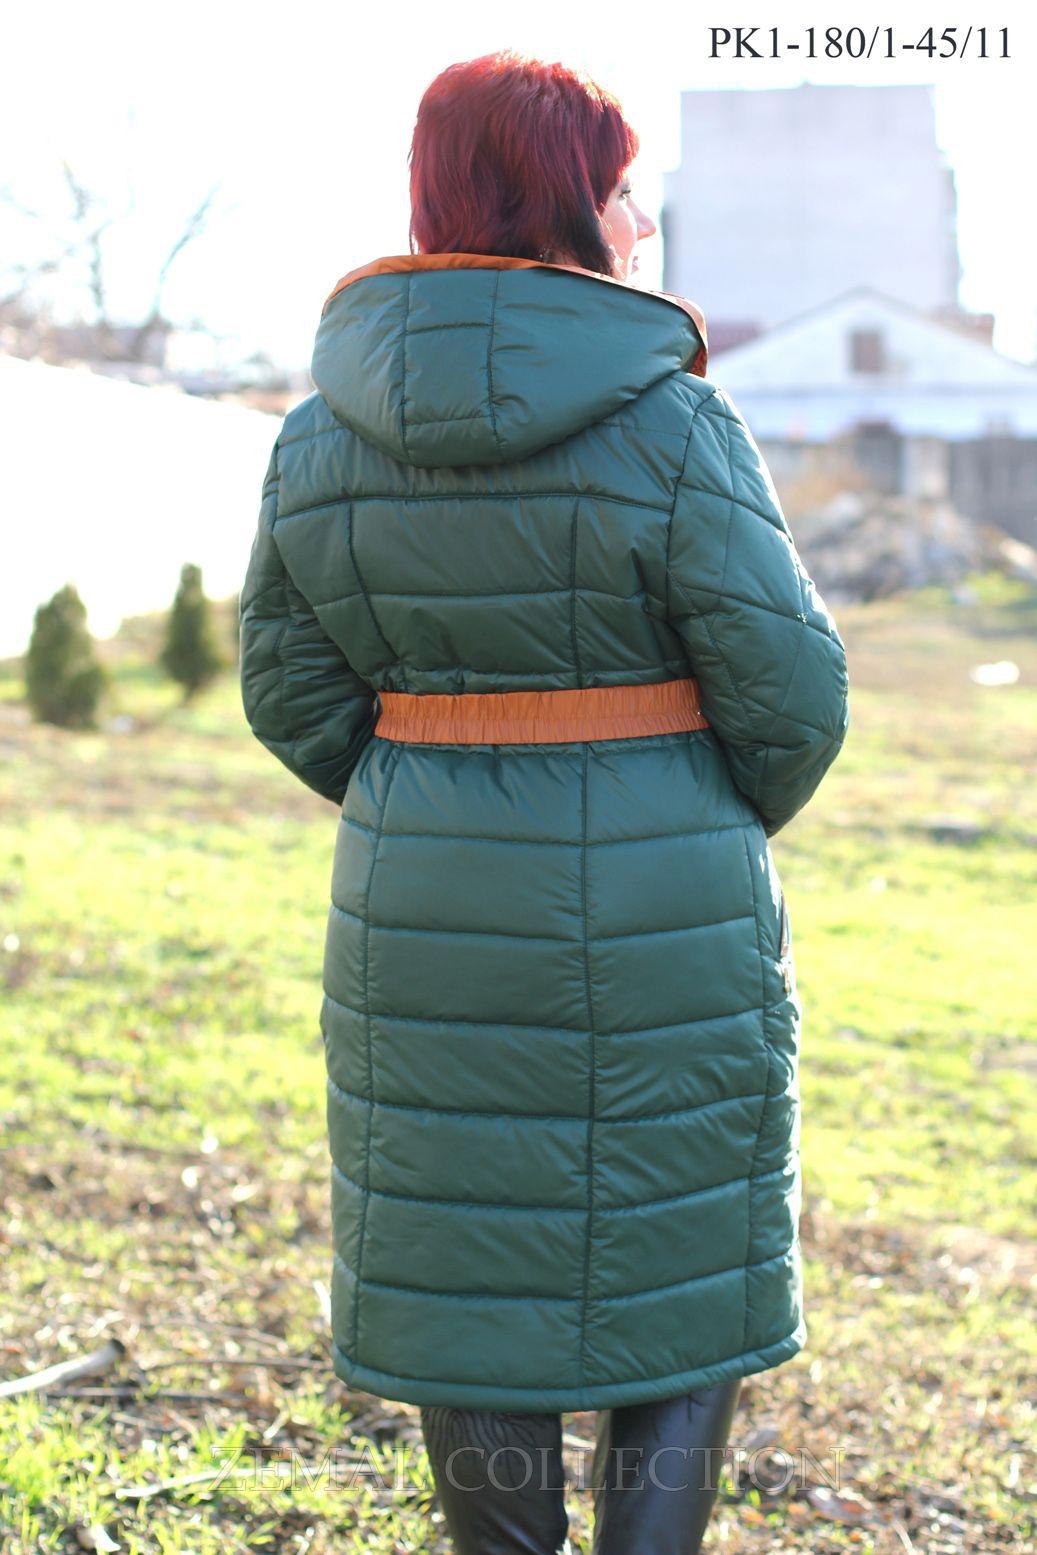 Пальто pk1-180.1 купить на сайте производителя